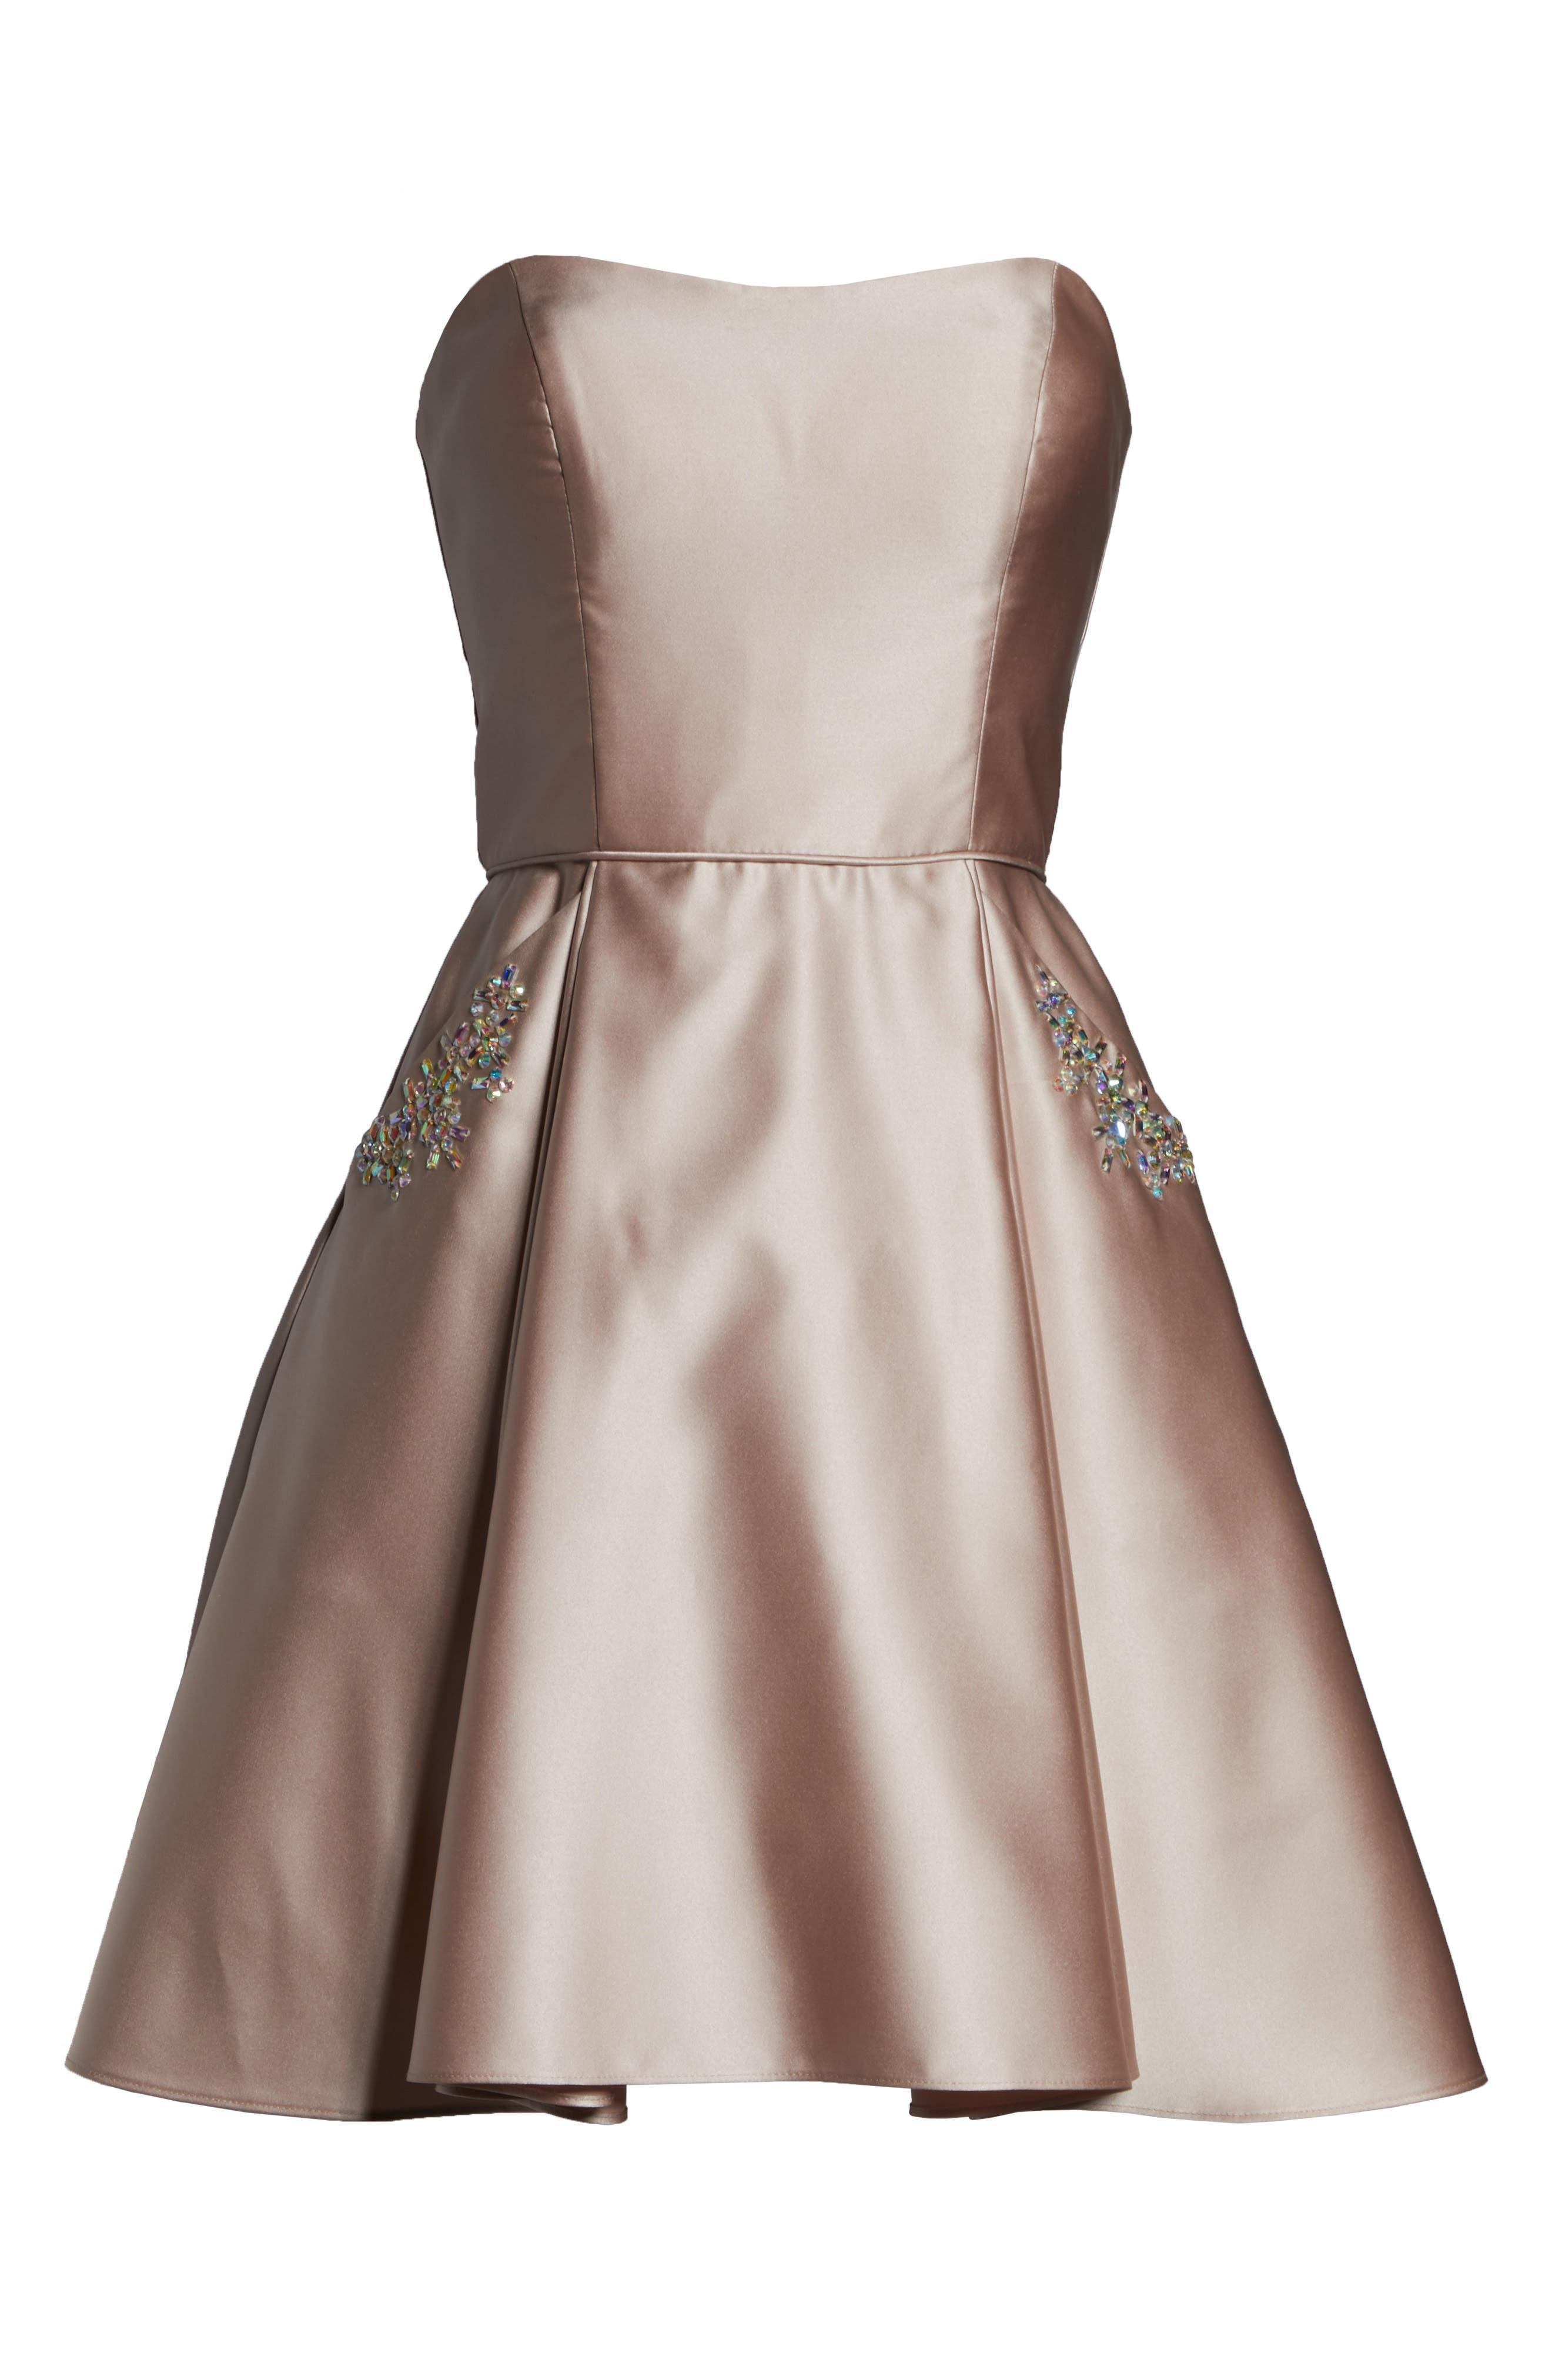 BLONDIE NITES,                             Embellished Satin Fit & Flare Dress,                             Alternate thumbnail 7, color,                             BEIGE